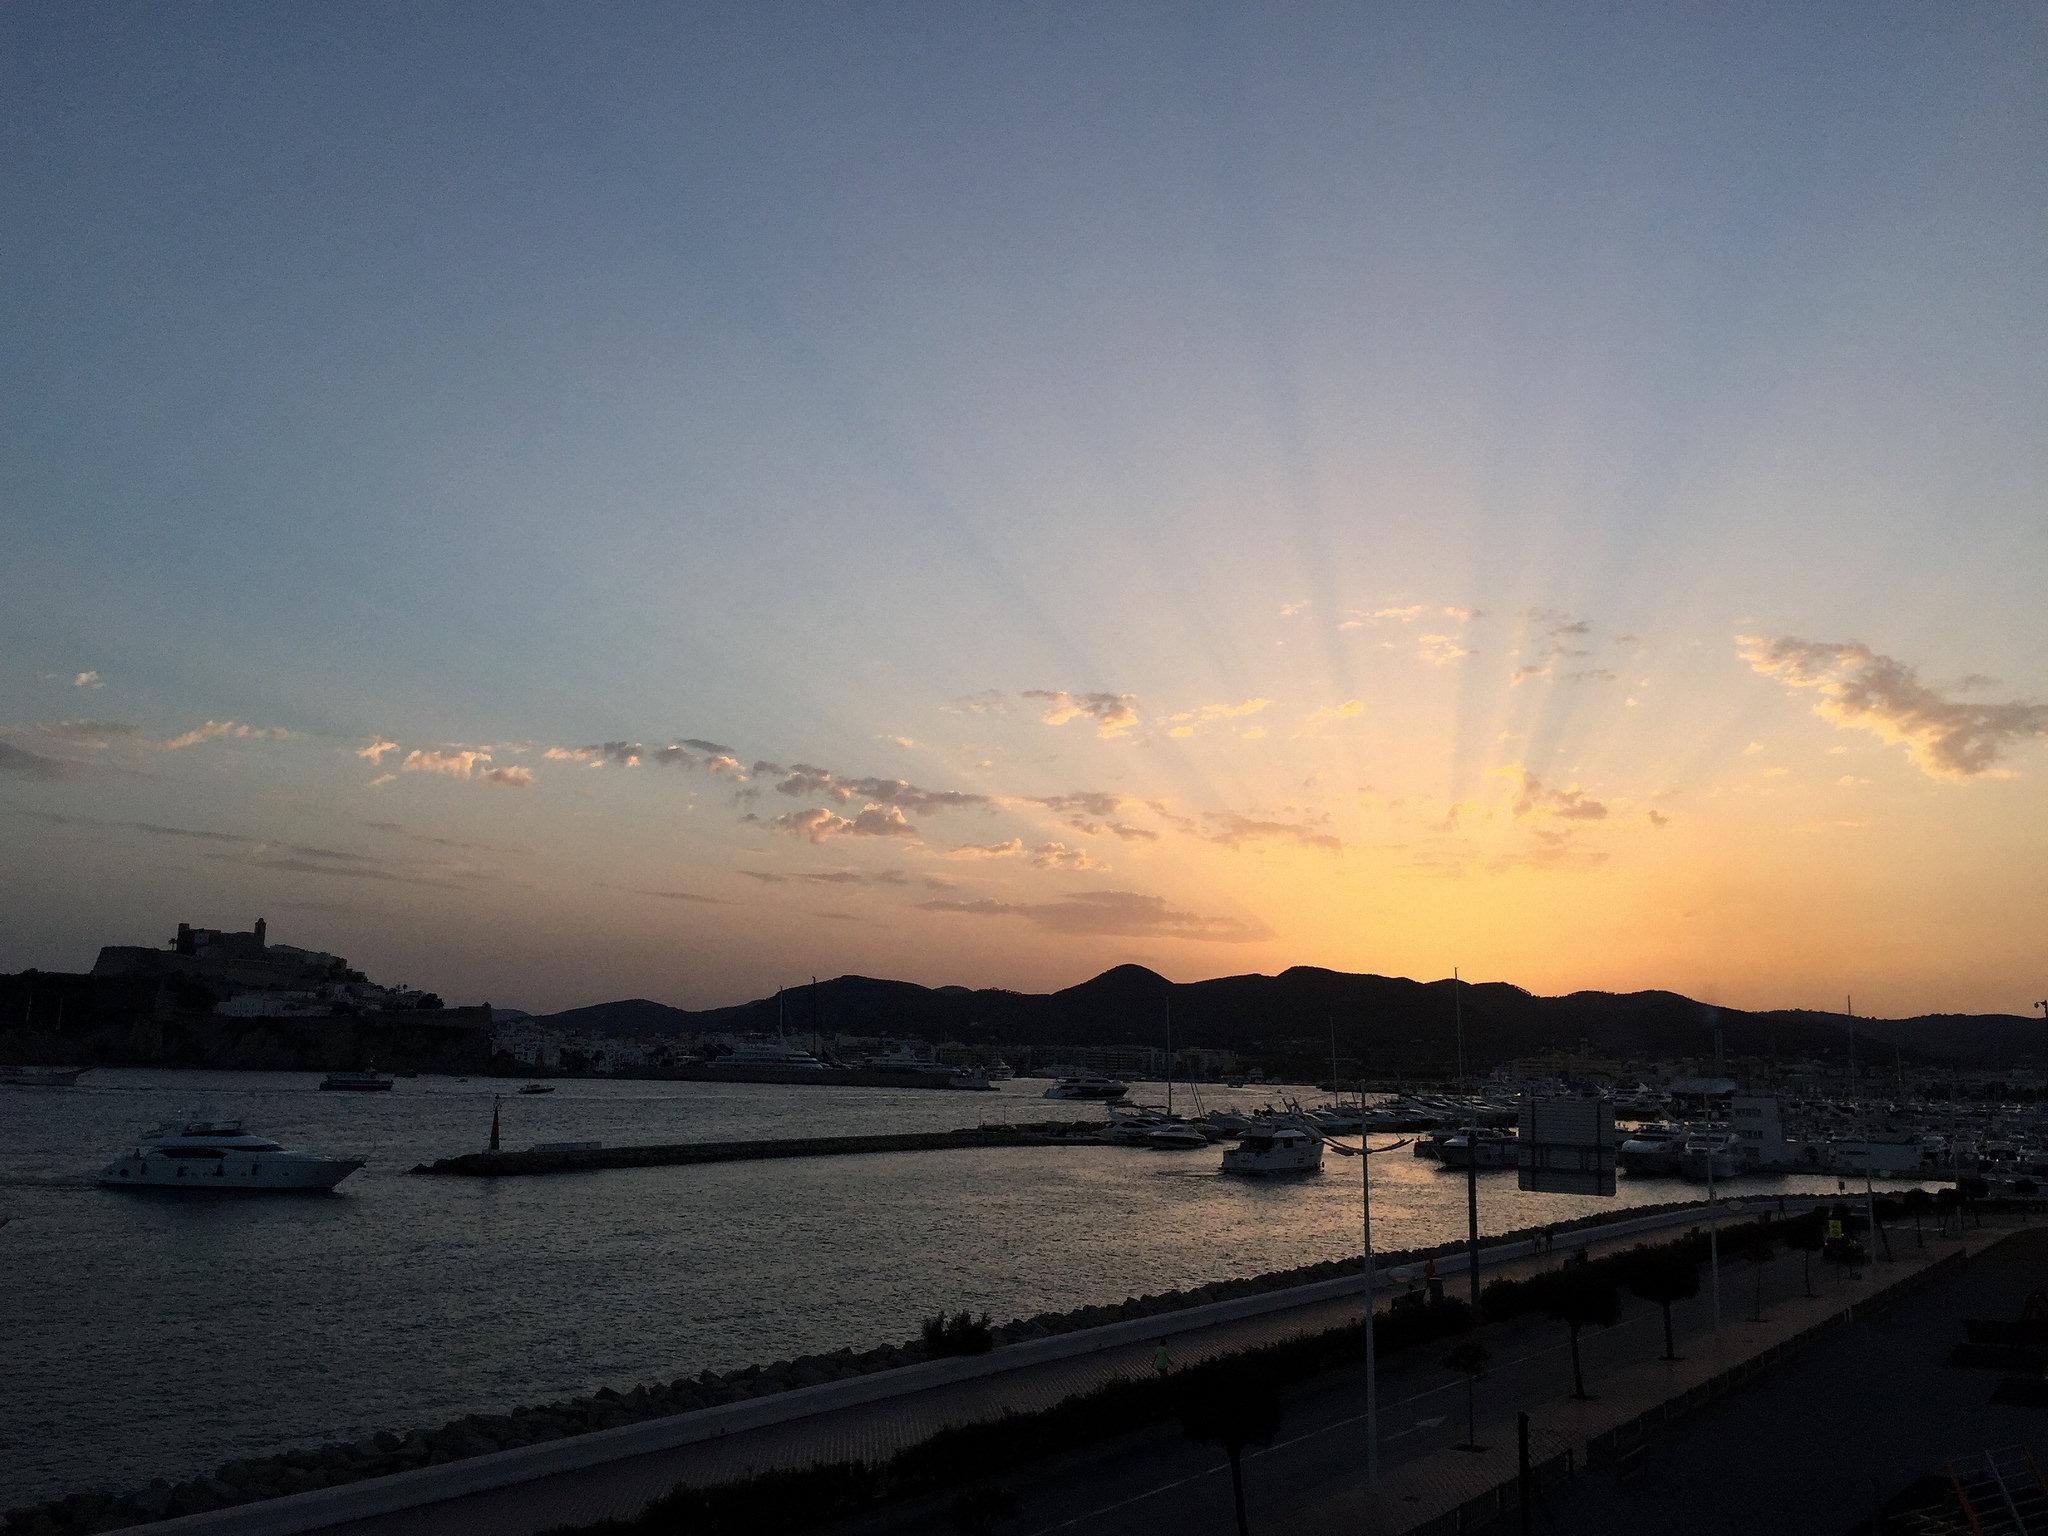 Остров Ибица, Испания: интересные достопримечательности, как добраться, чем заняться, туристические лайфхаки